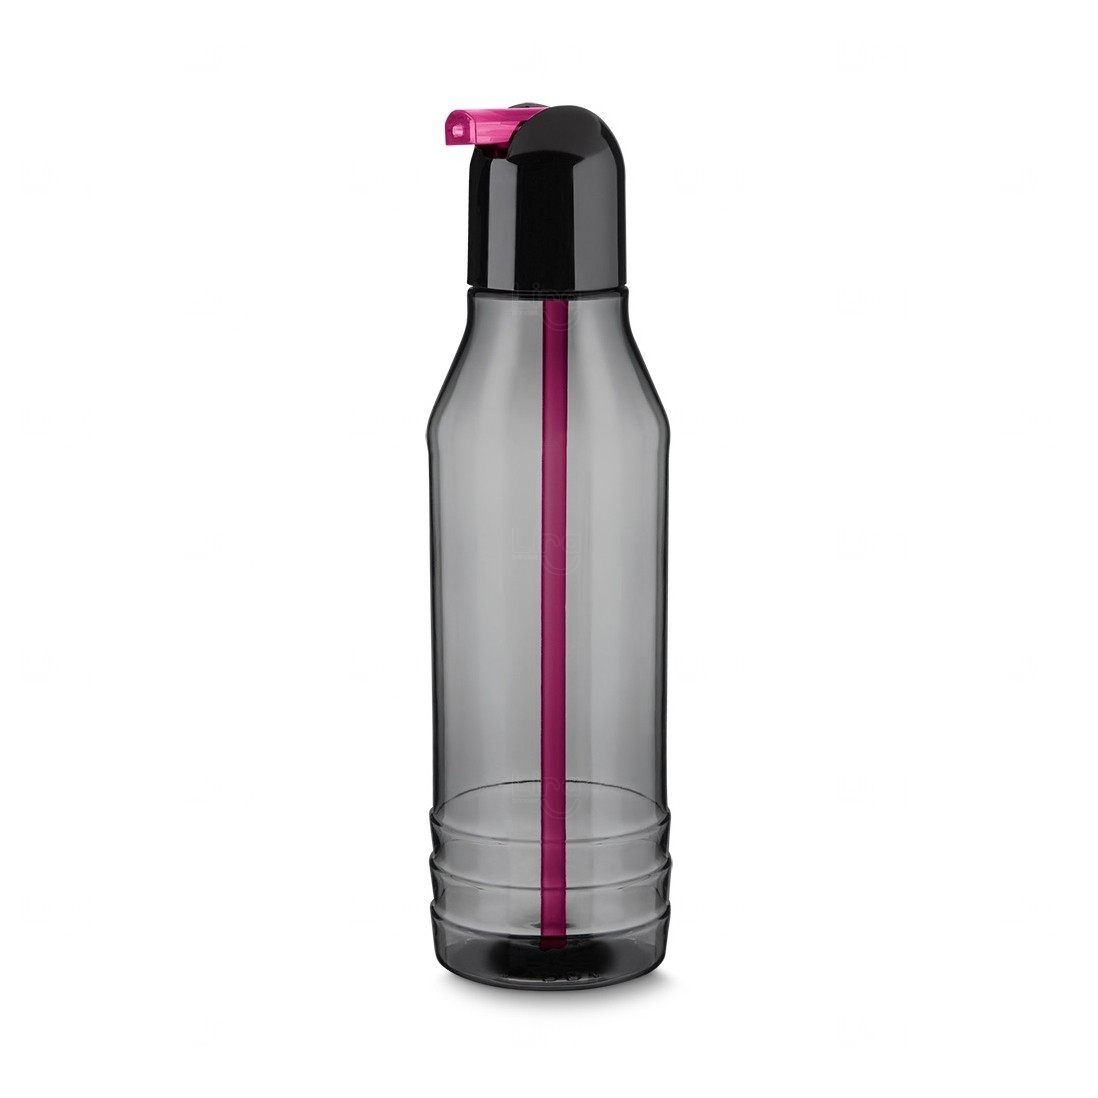 Garrafa Squeeze Plástico Personalizada - 600 ml Rosa